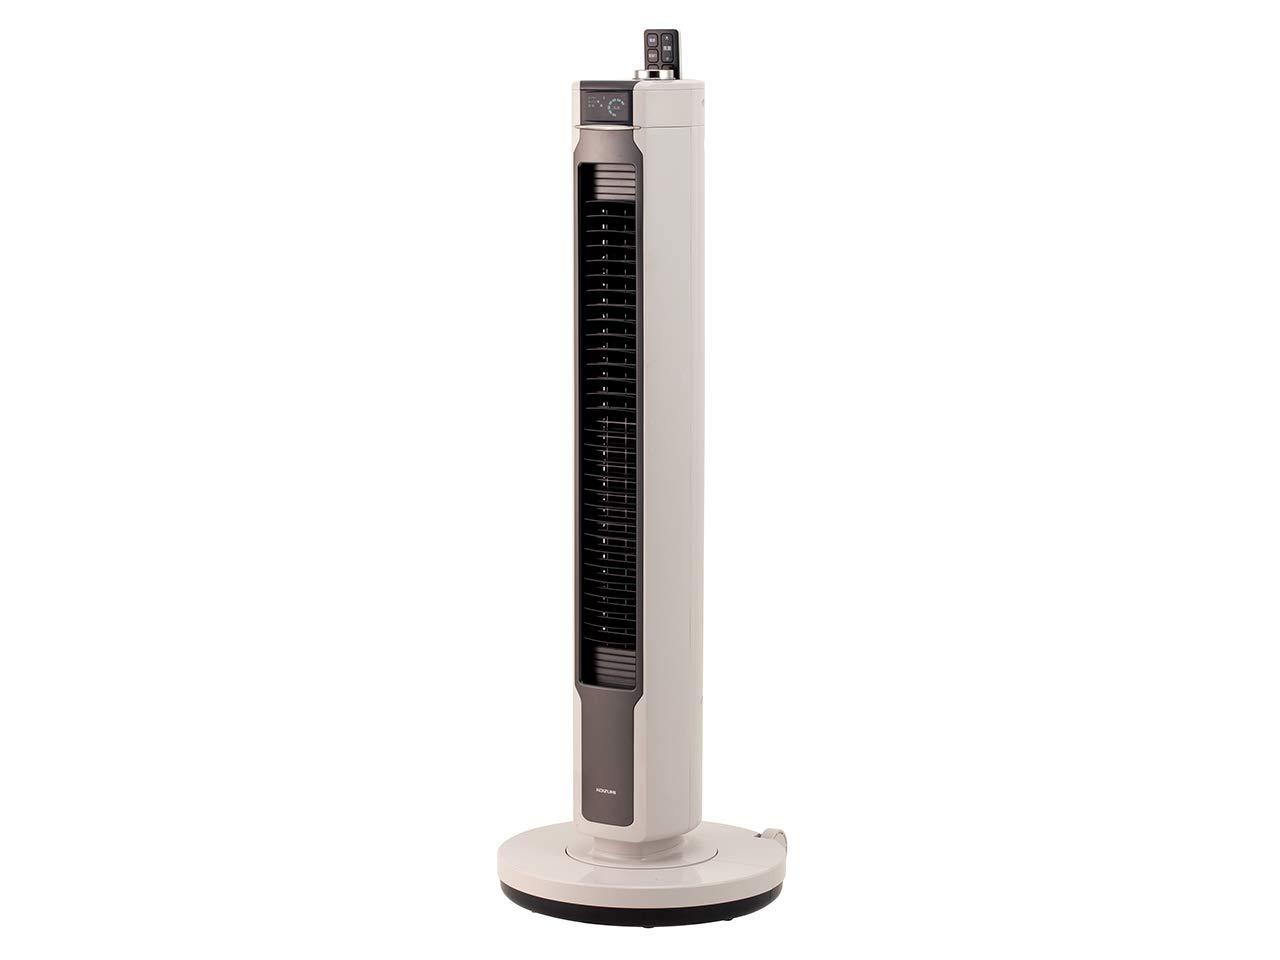 日本限定 コイズミ 扇風機 B07PW5G2CY コイズミ タワーファン グレー KTF-0591/H 扇風機 B07PW5G2CY, とっぷりさいくるモール:514ca016 --- diesel-motor.pl